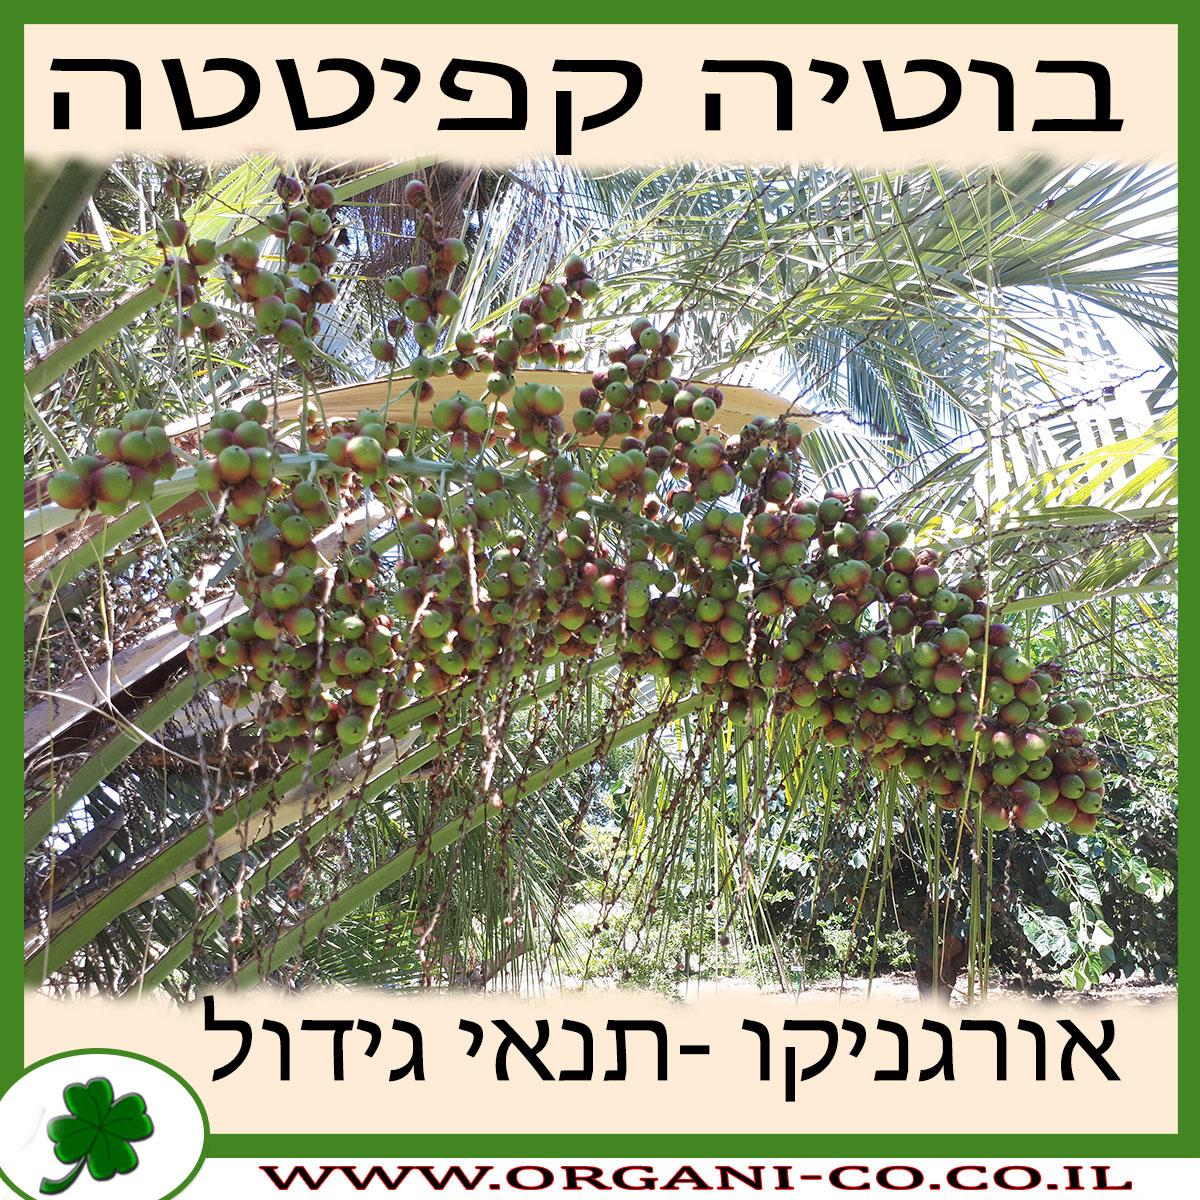 בוטיה קפיטטה גידול צמח